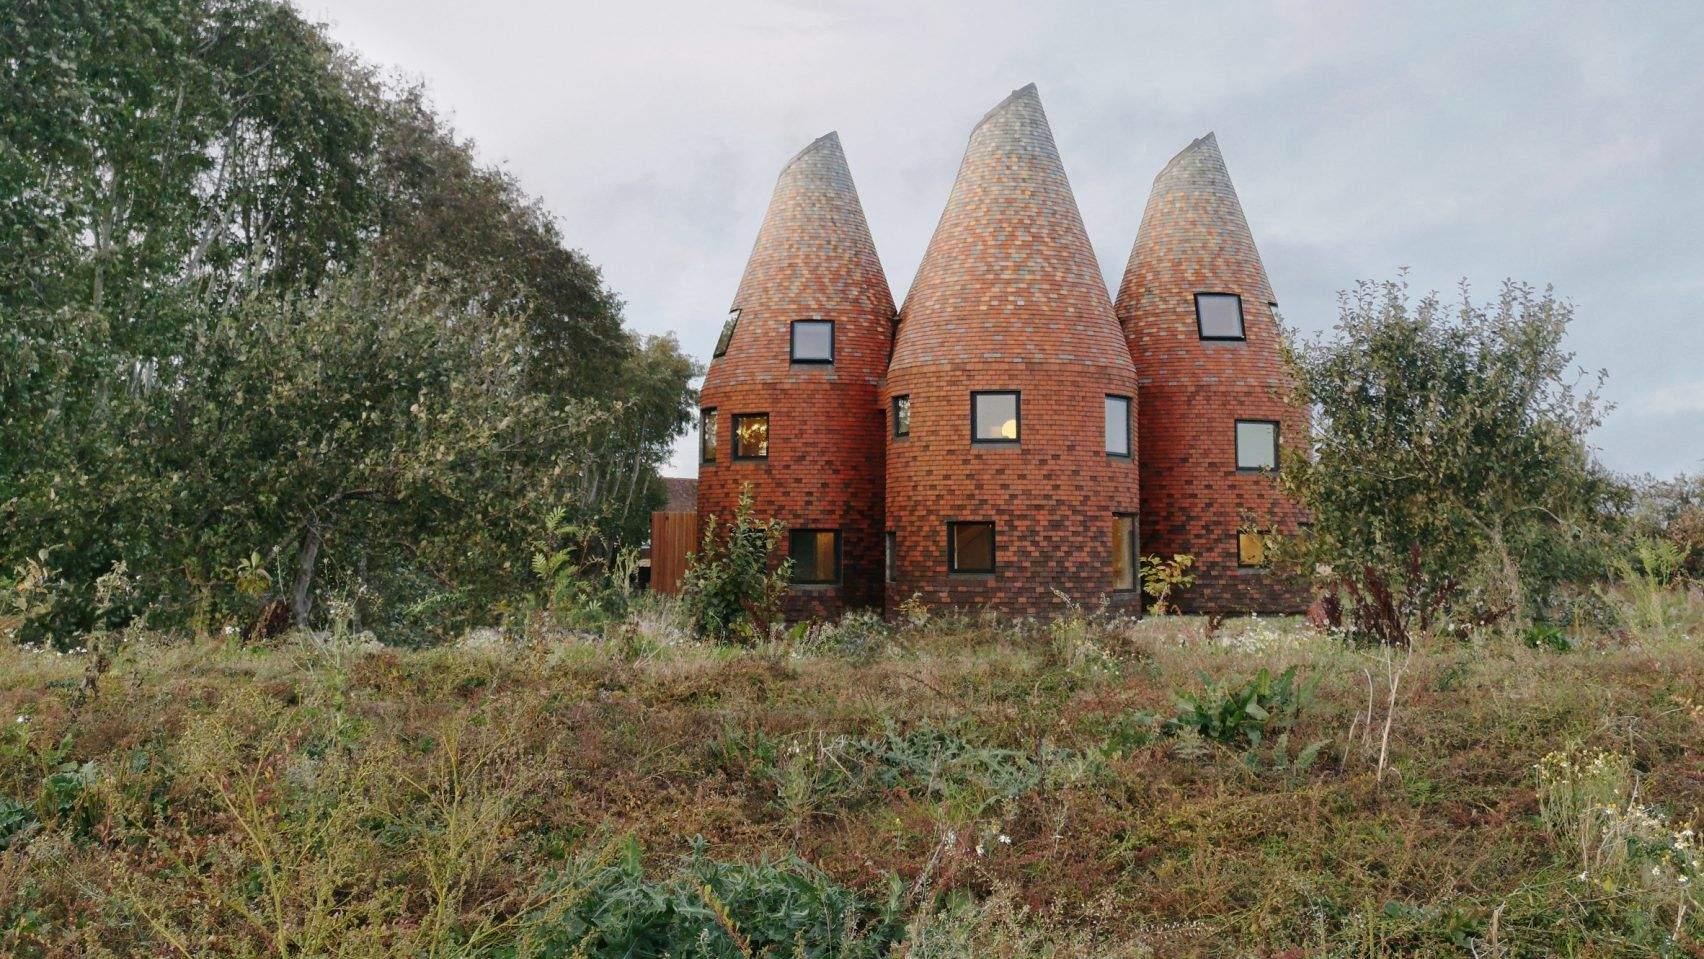 Приватний будинок Bumpers Oast від ACME в графстві Кент / Фото  Dezeen